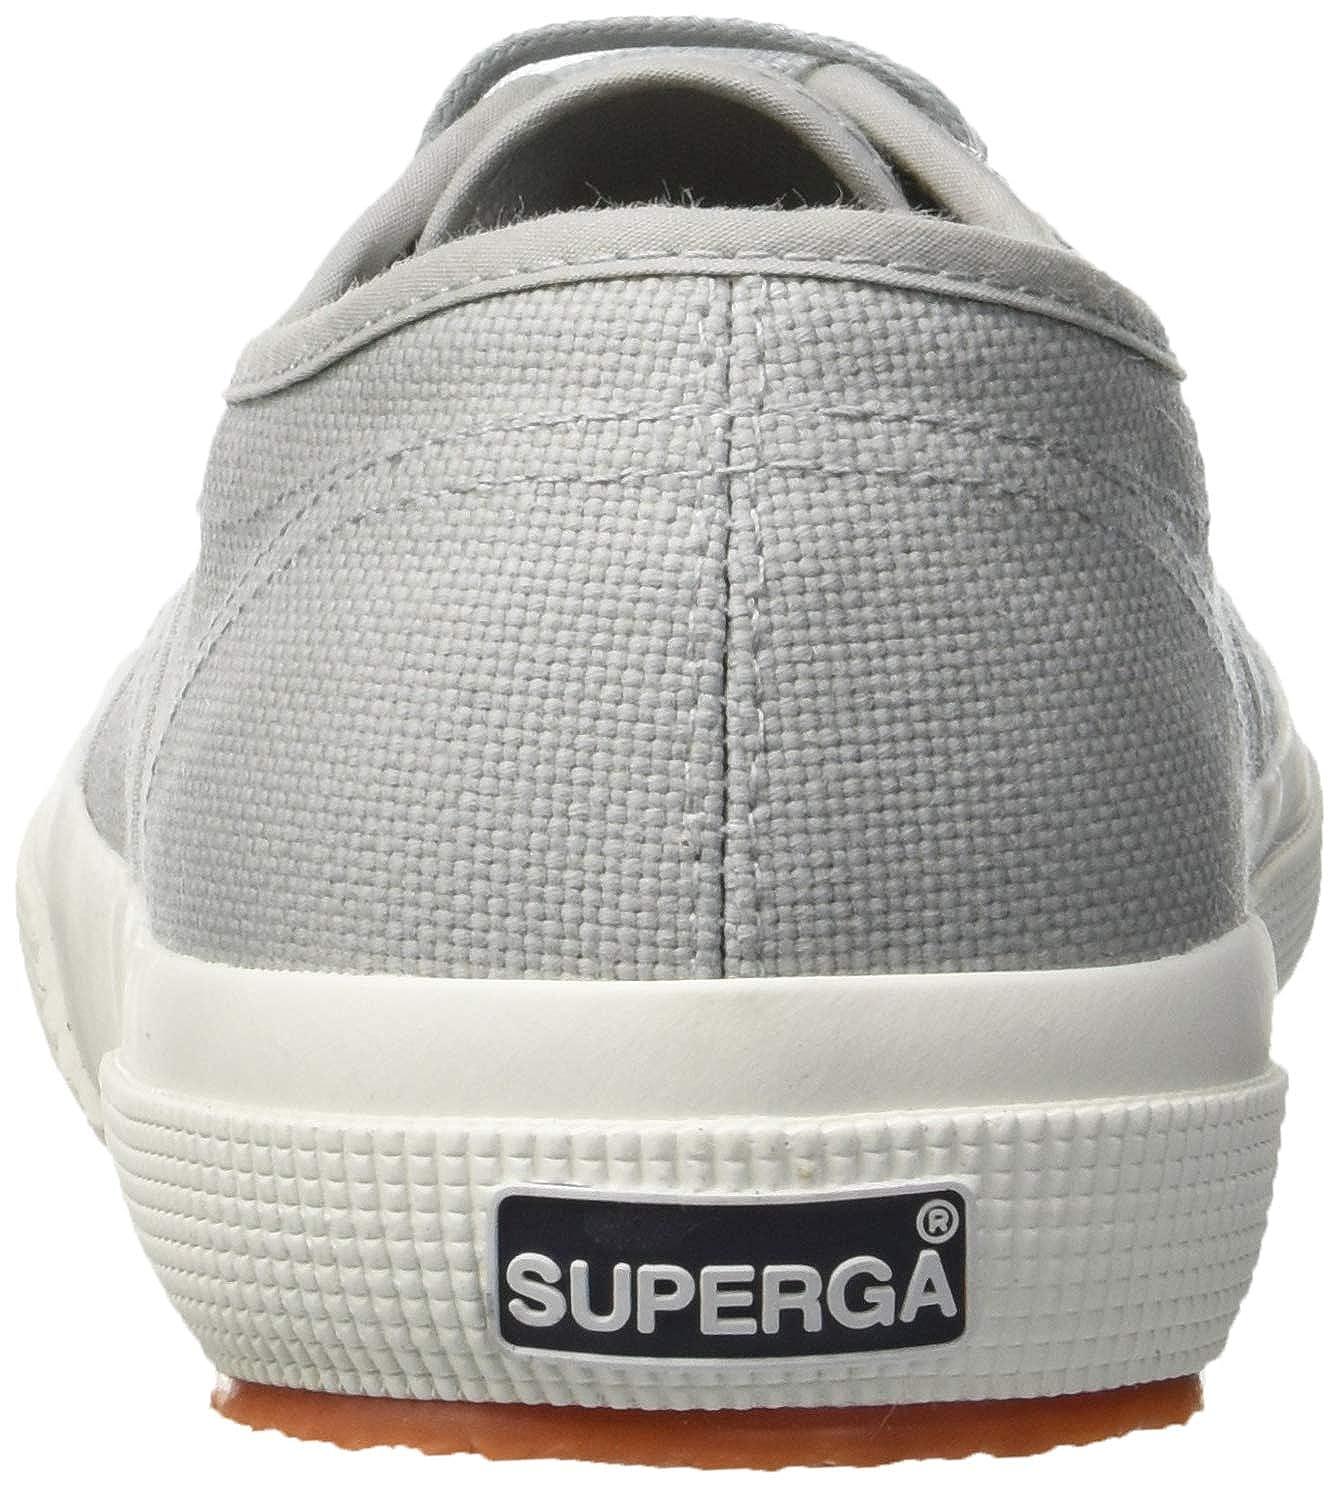 Superga Unisex-Erwachsene 2750 Cotu Classic Low-Top rot 38 EU    a04764